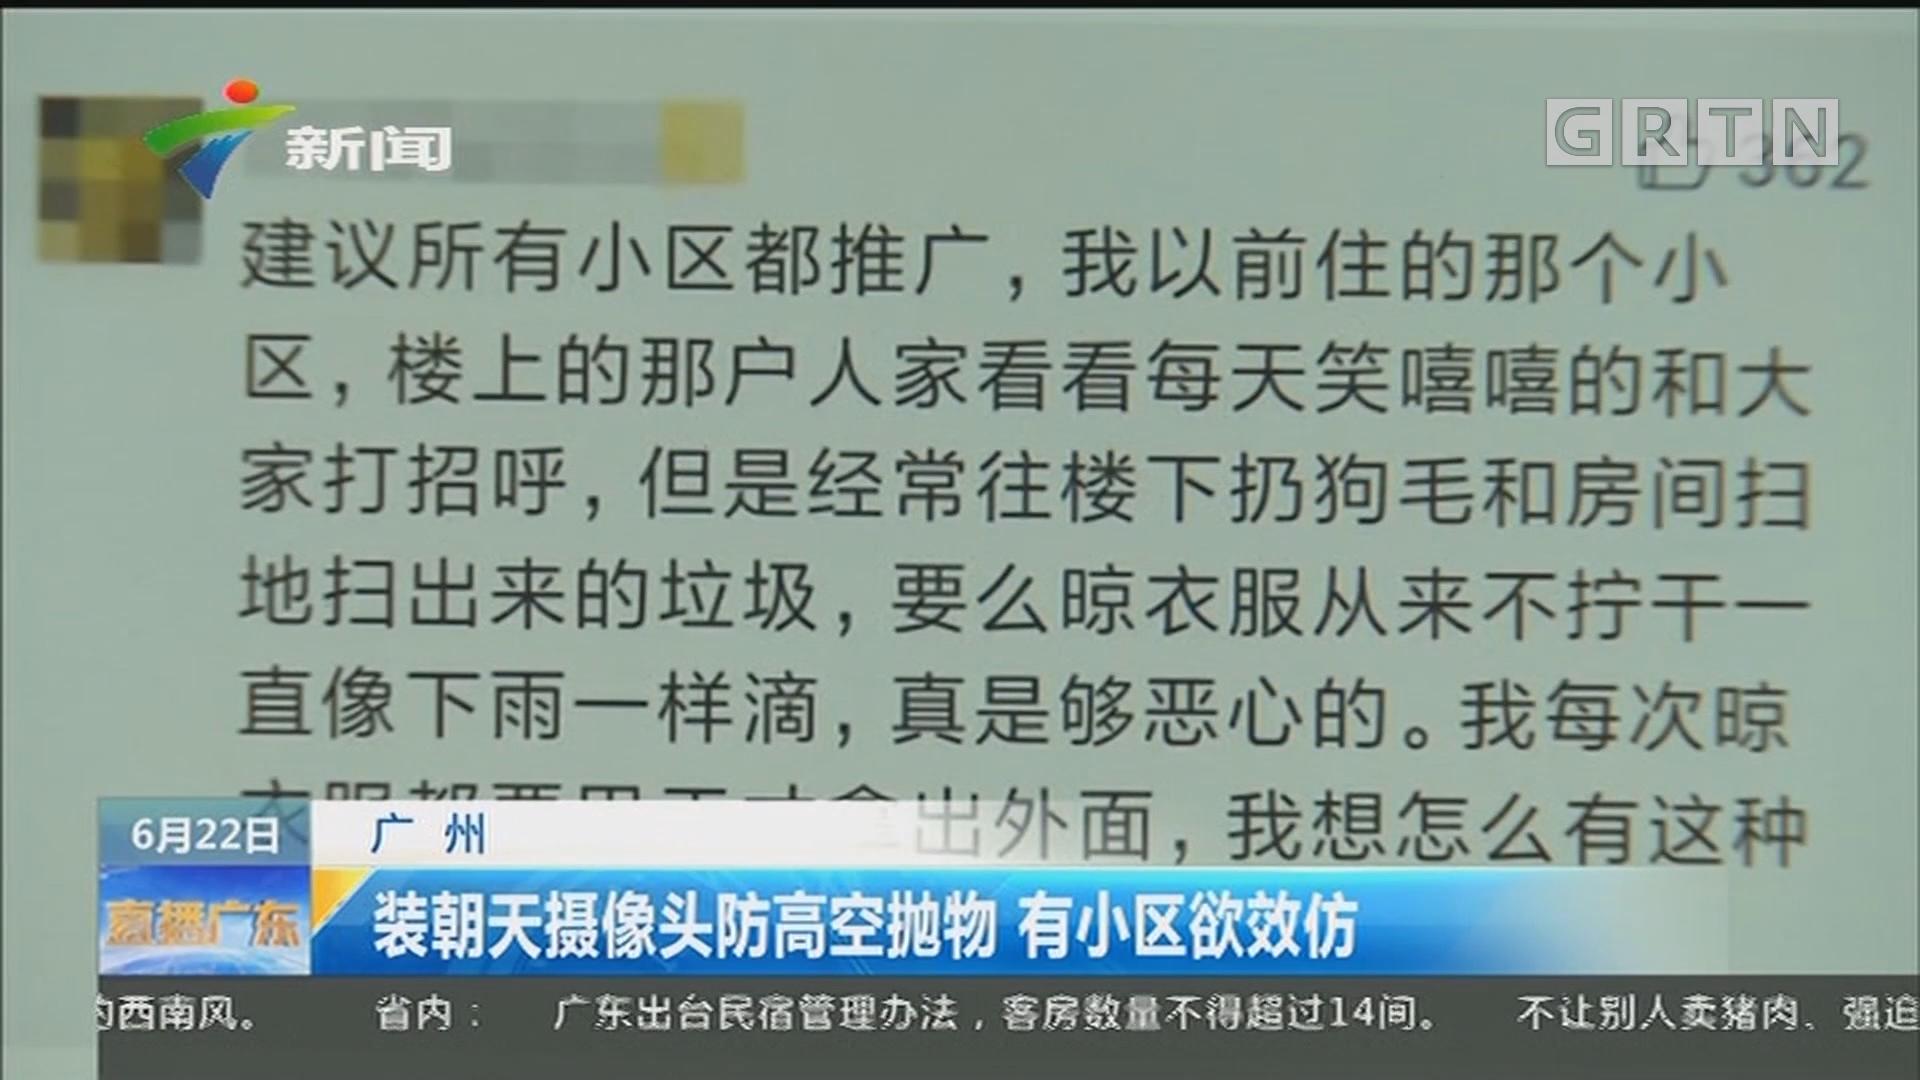 广州:装朝天摄像头防高空抛物 有小区欲效仿